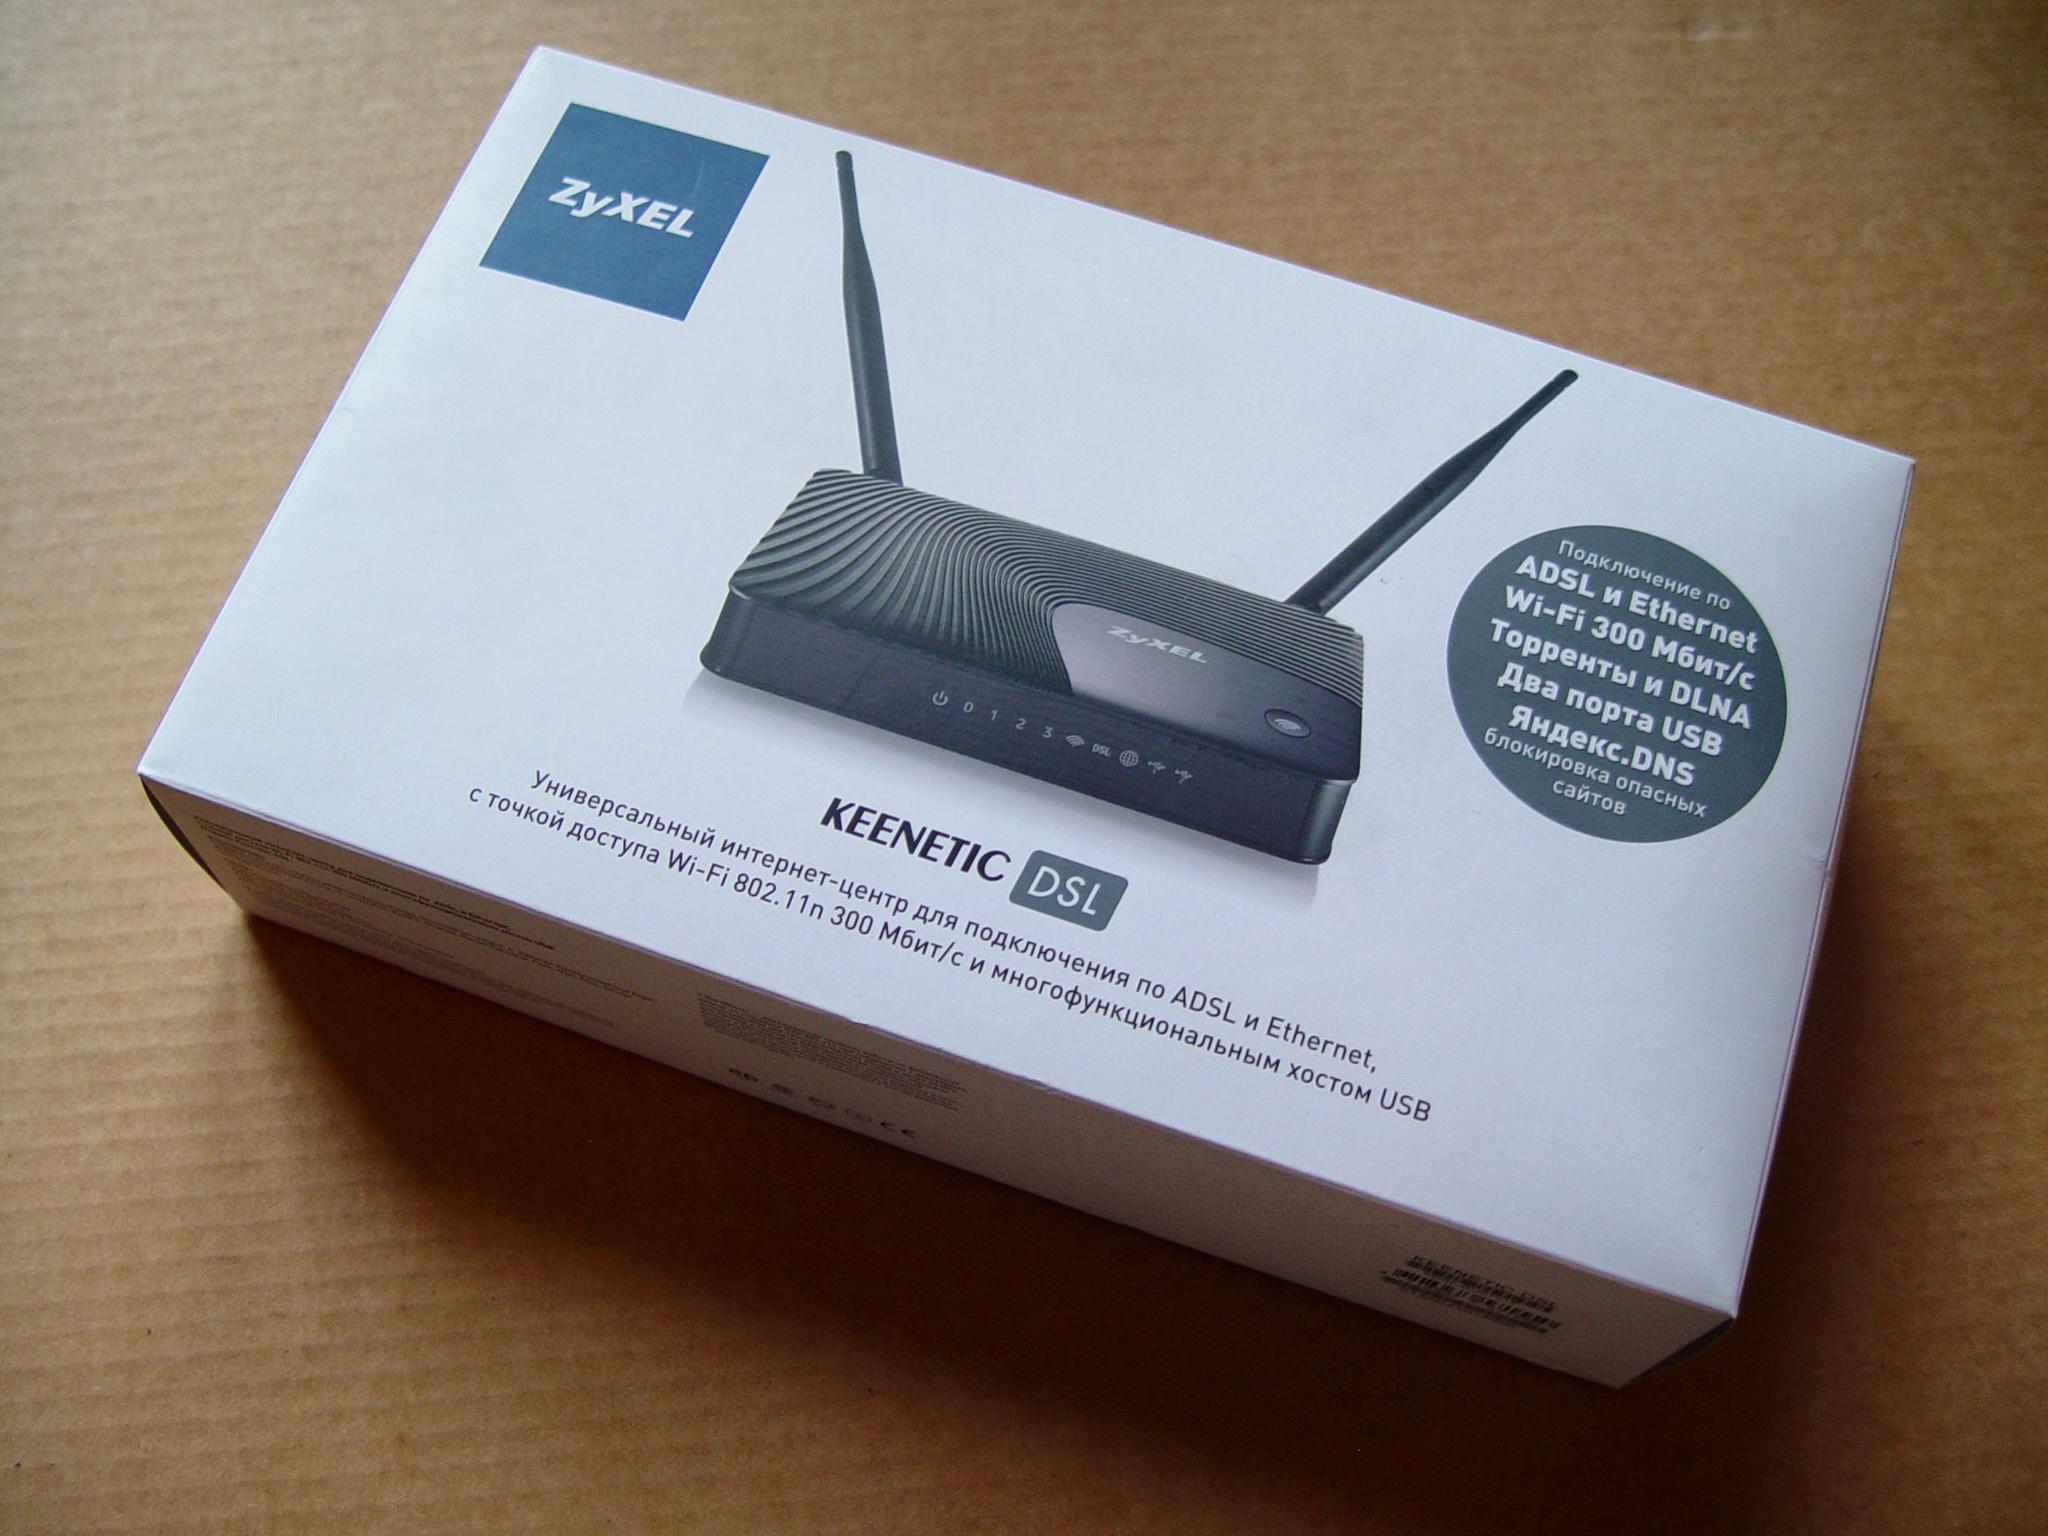 Обзор от покупателя на WiFi ADSL роутер (маршрутизатор